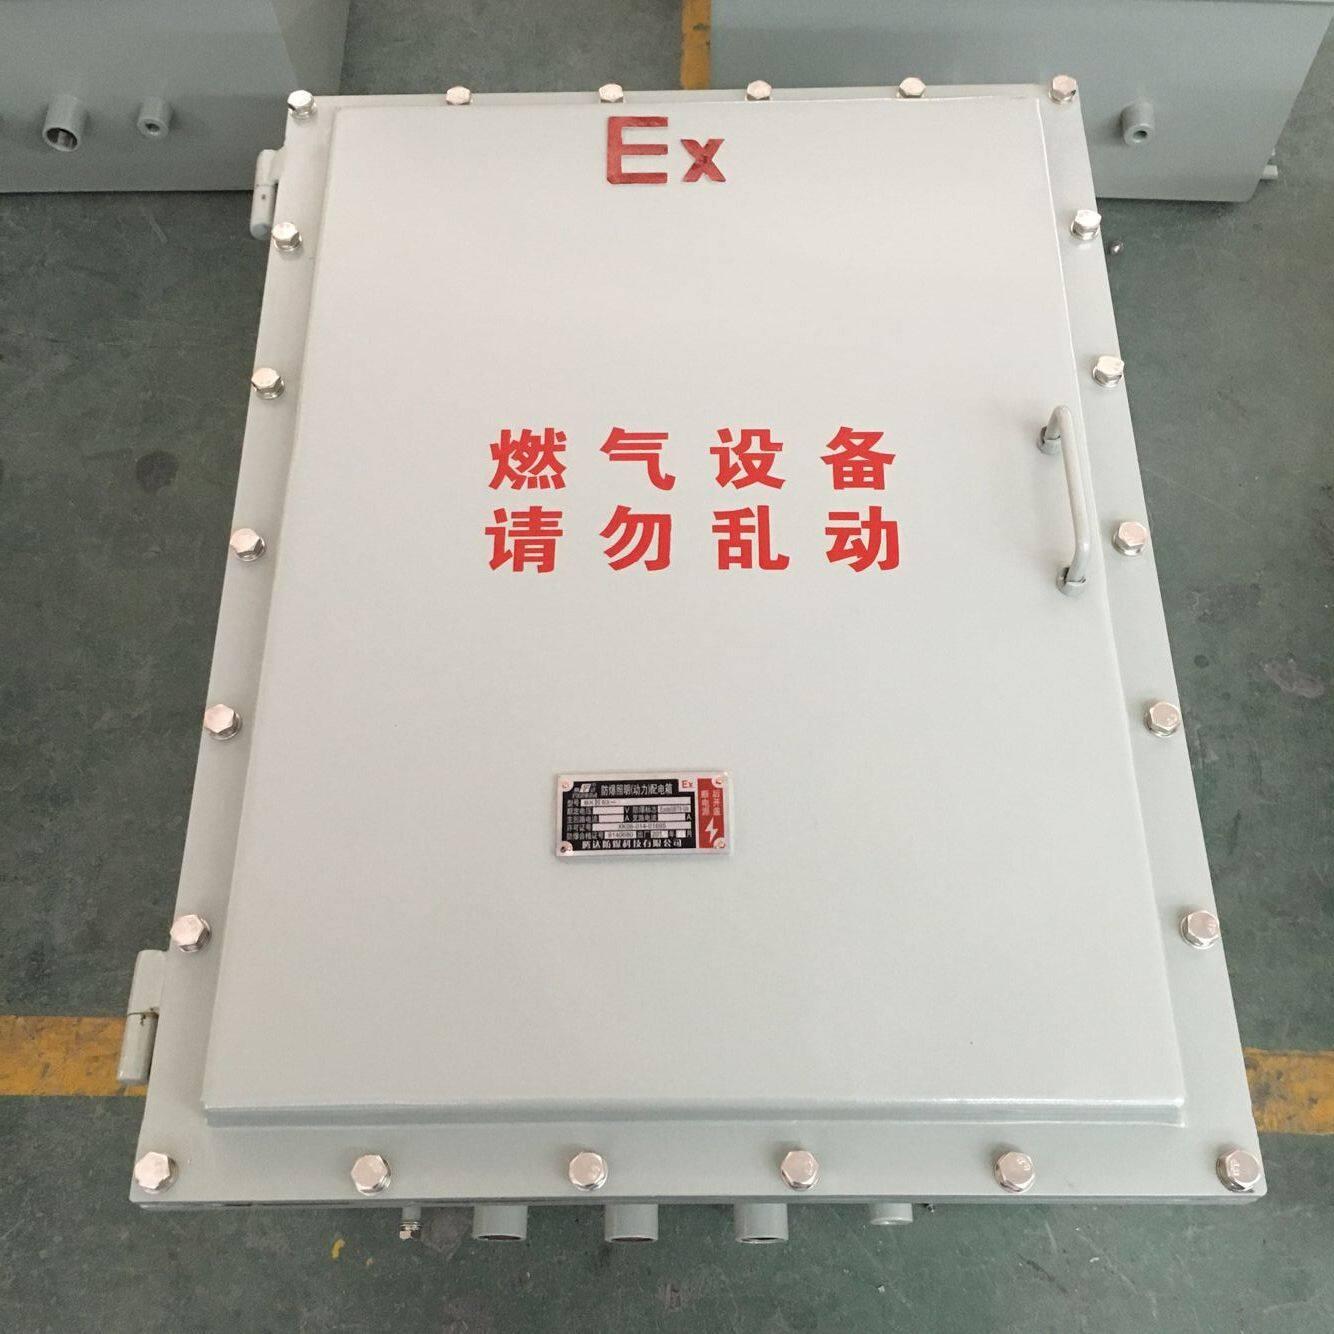 防爆应急电源箱(隔爆型)